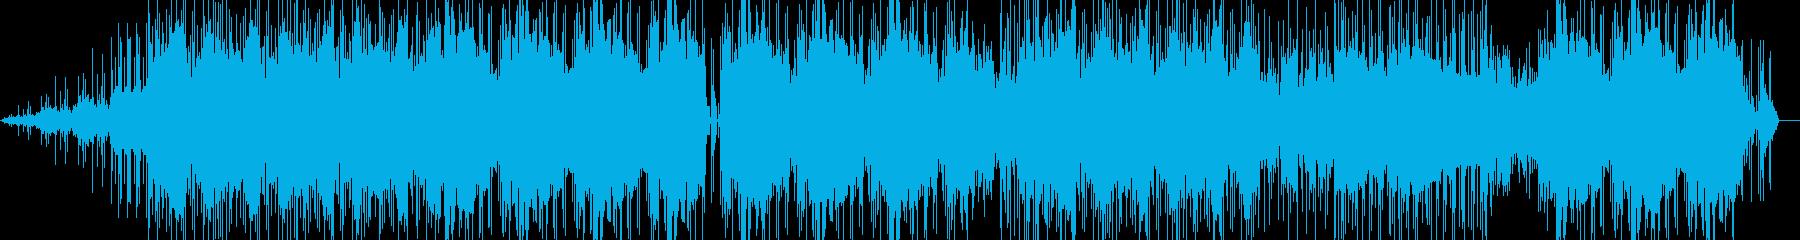 キレイ系ビートの再生済みの波形